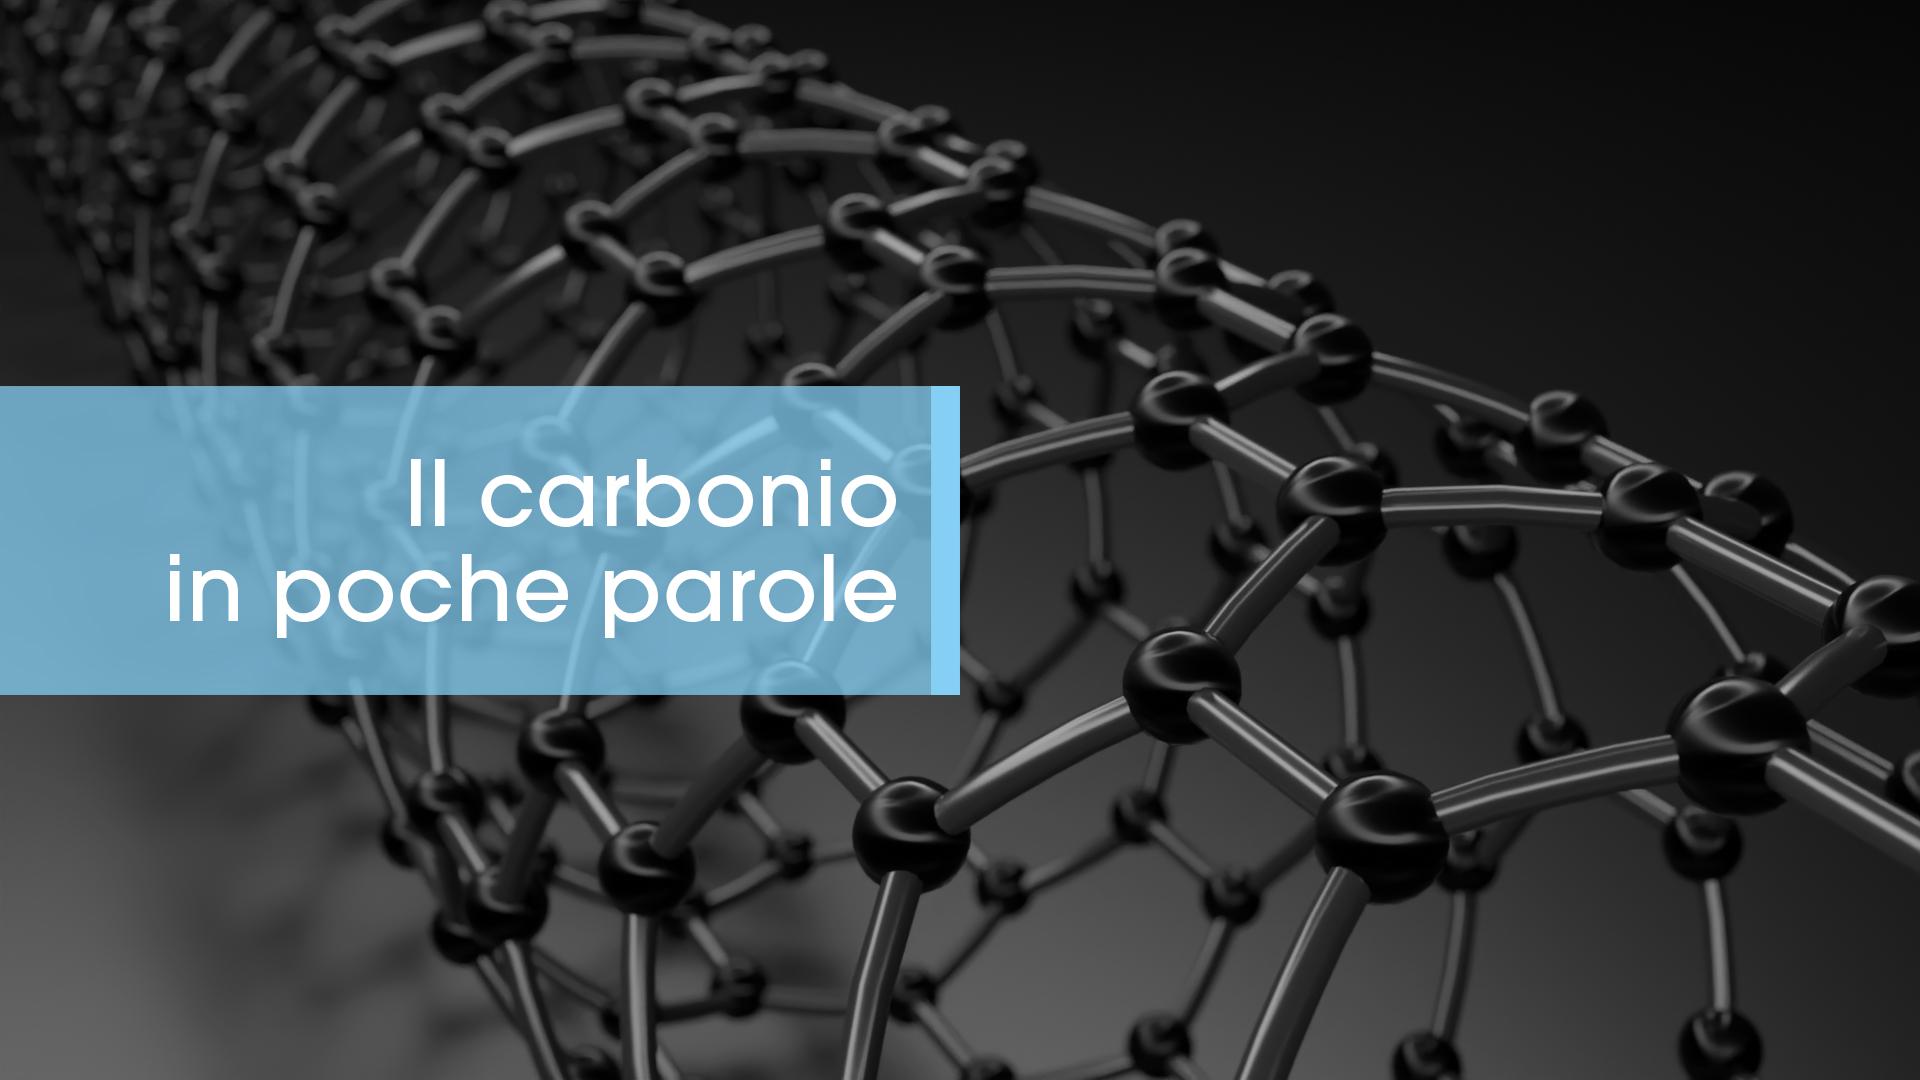 Il carbonio in poche parole